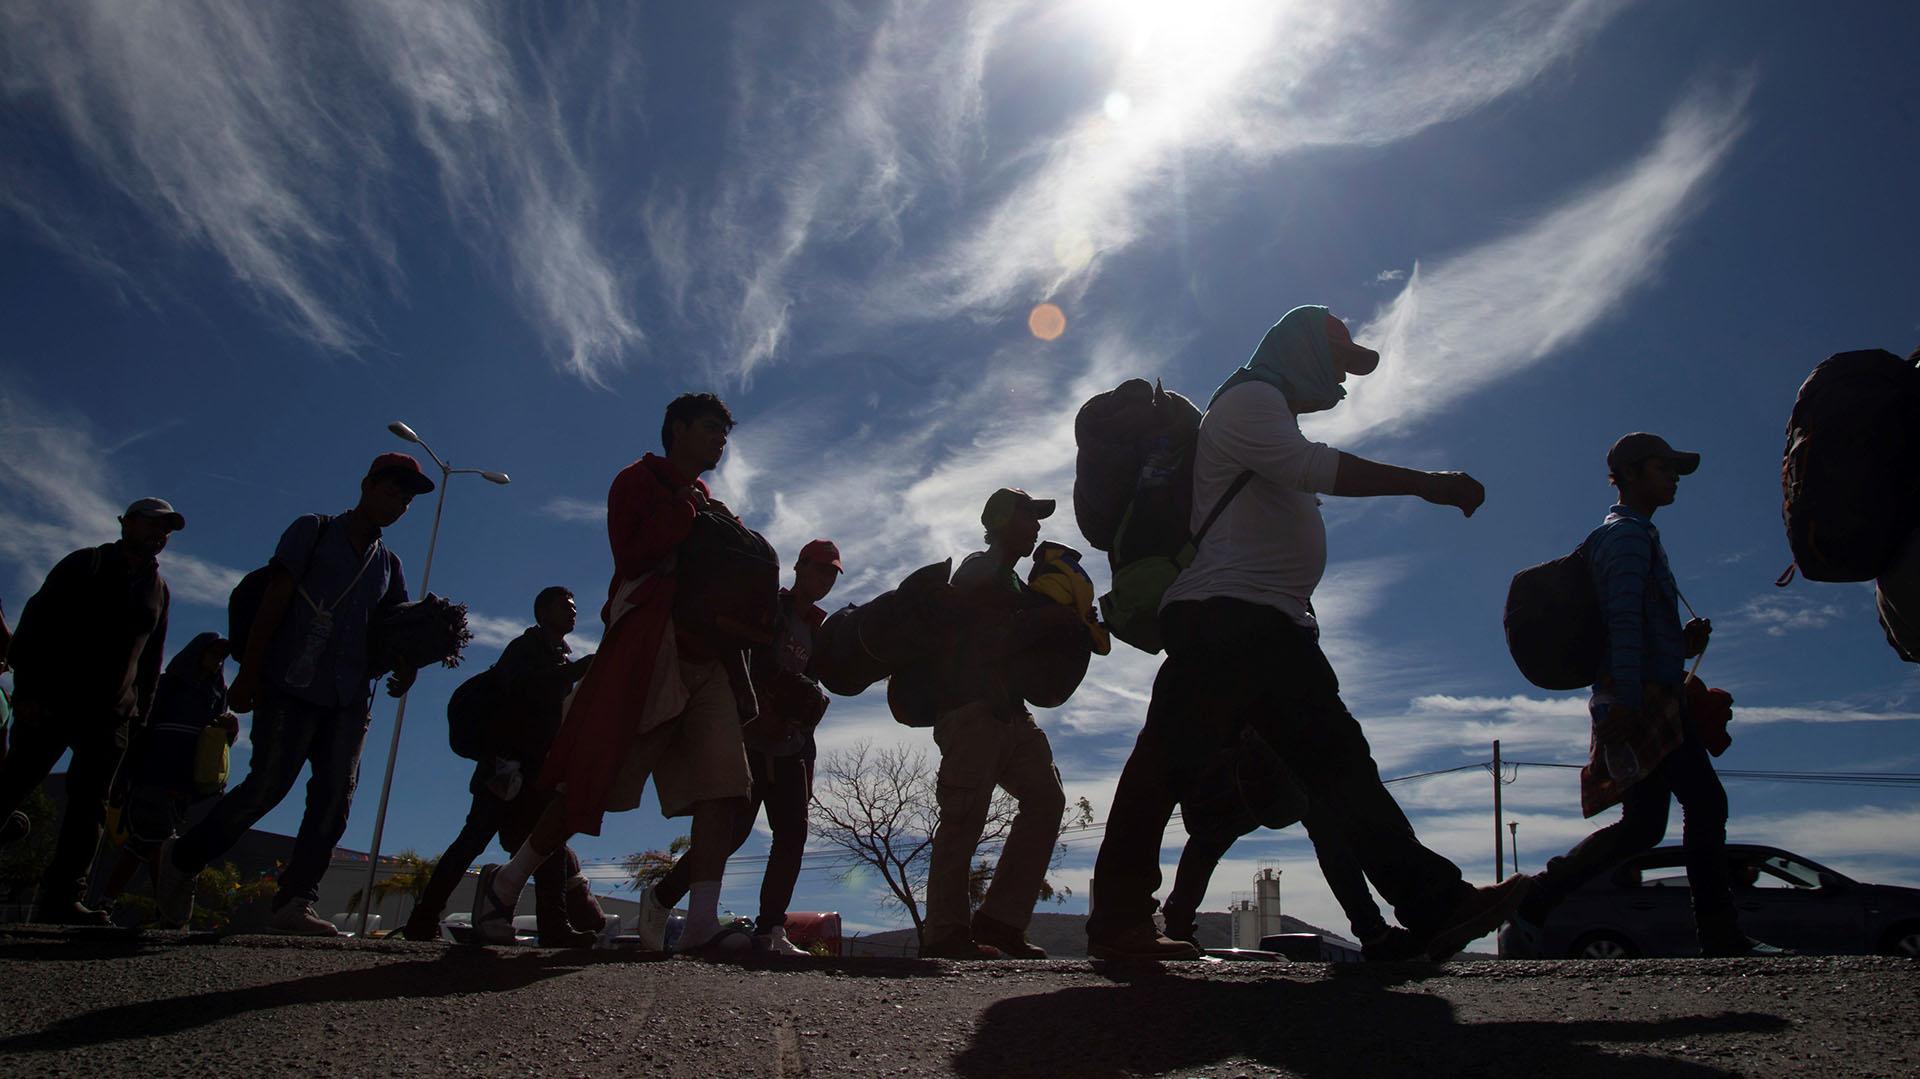 """Grupos de migrantes centroamericanos en su travesía hacia """"el sueño americano"""" (Foto: EFE)"""